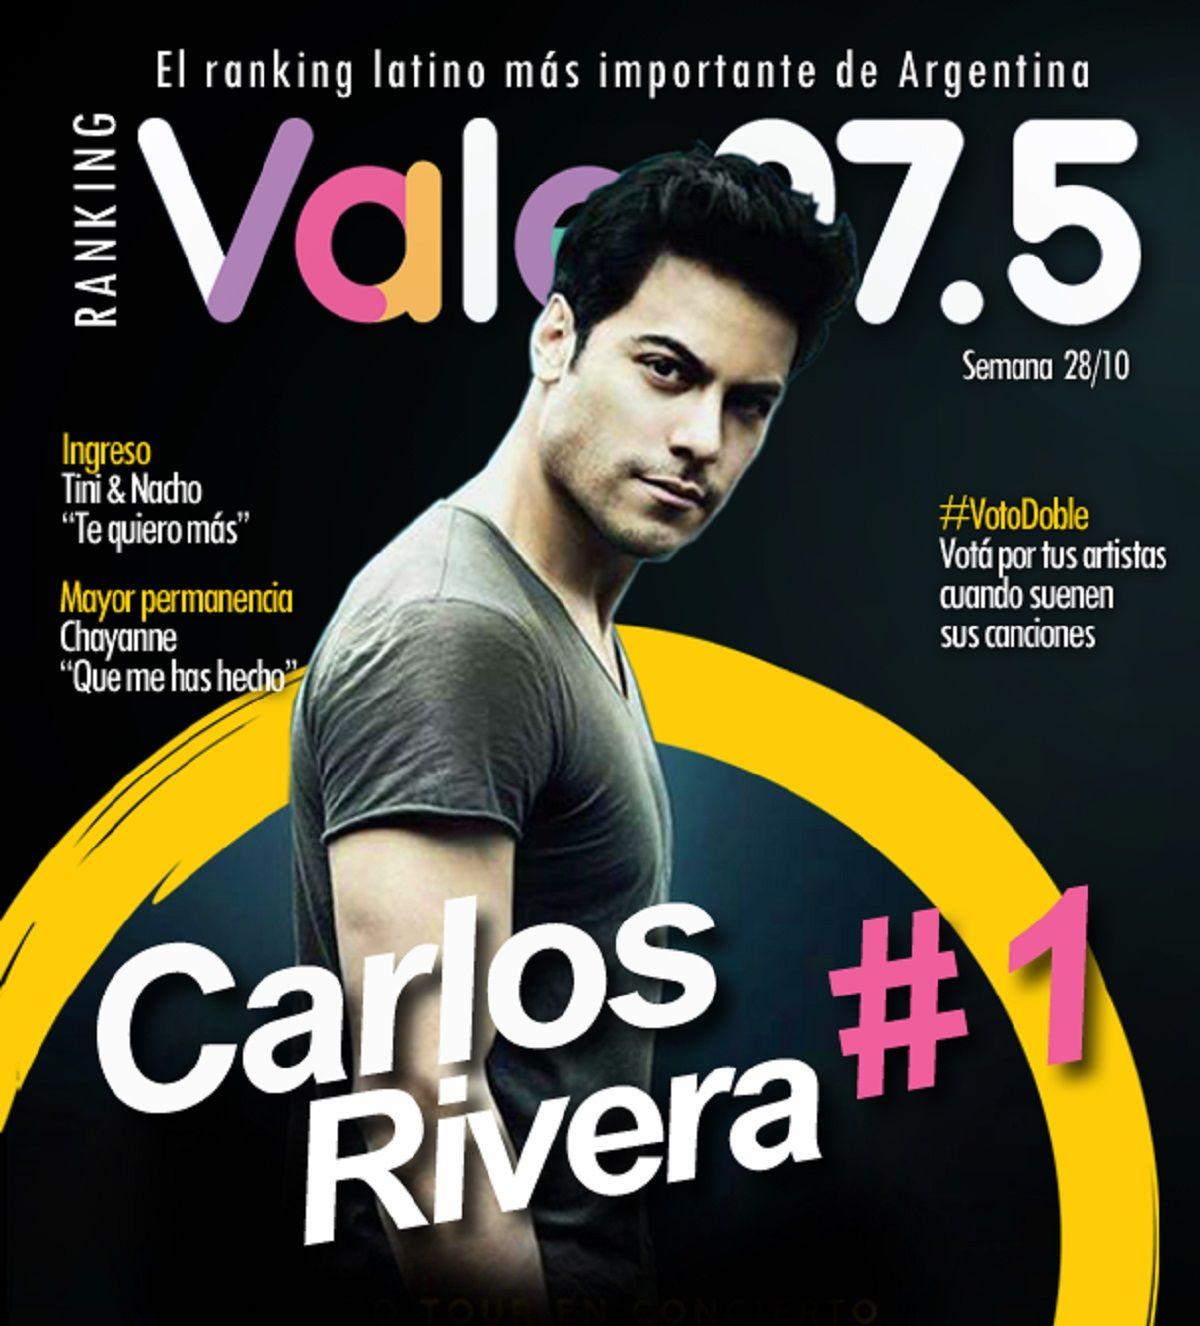 Carlos Rivera sigue en lo más alto del Ranking Vale